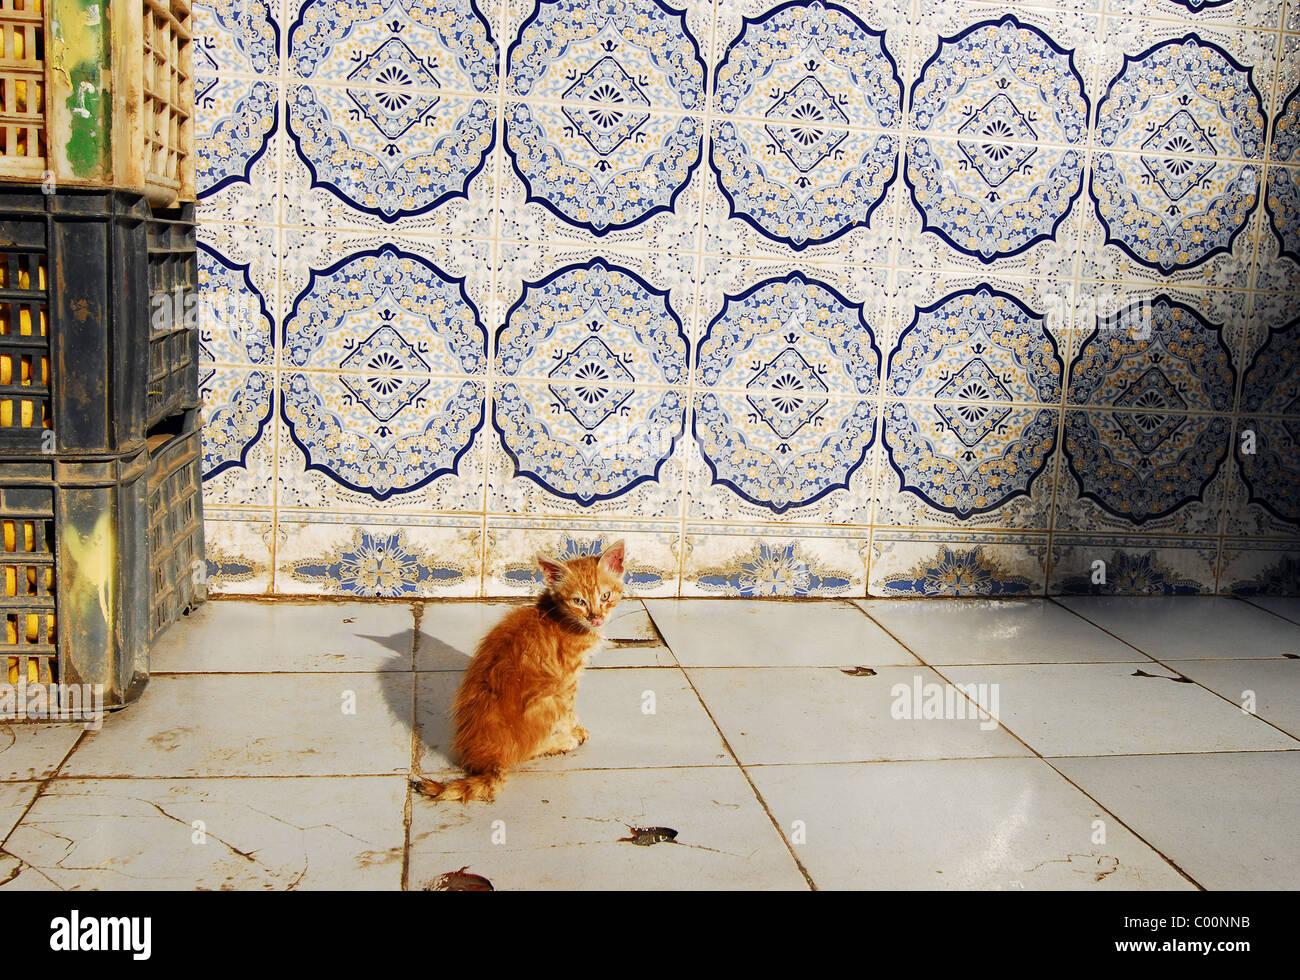 Algeria algeri gattino seduto sul pavimento di piastrelle da